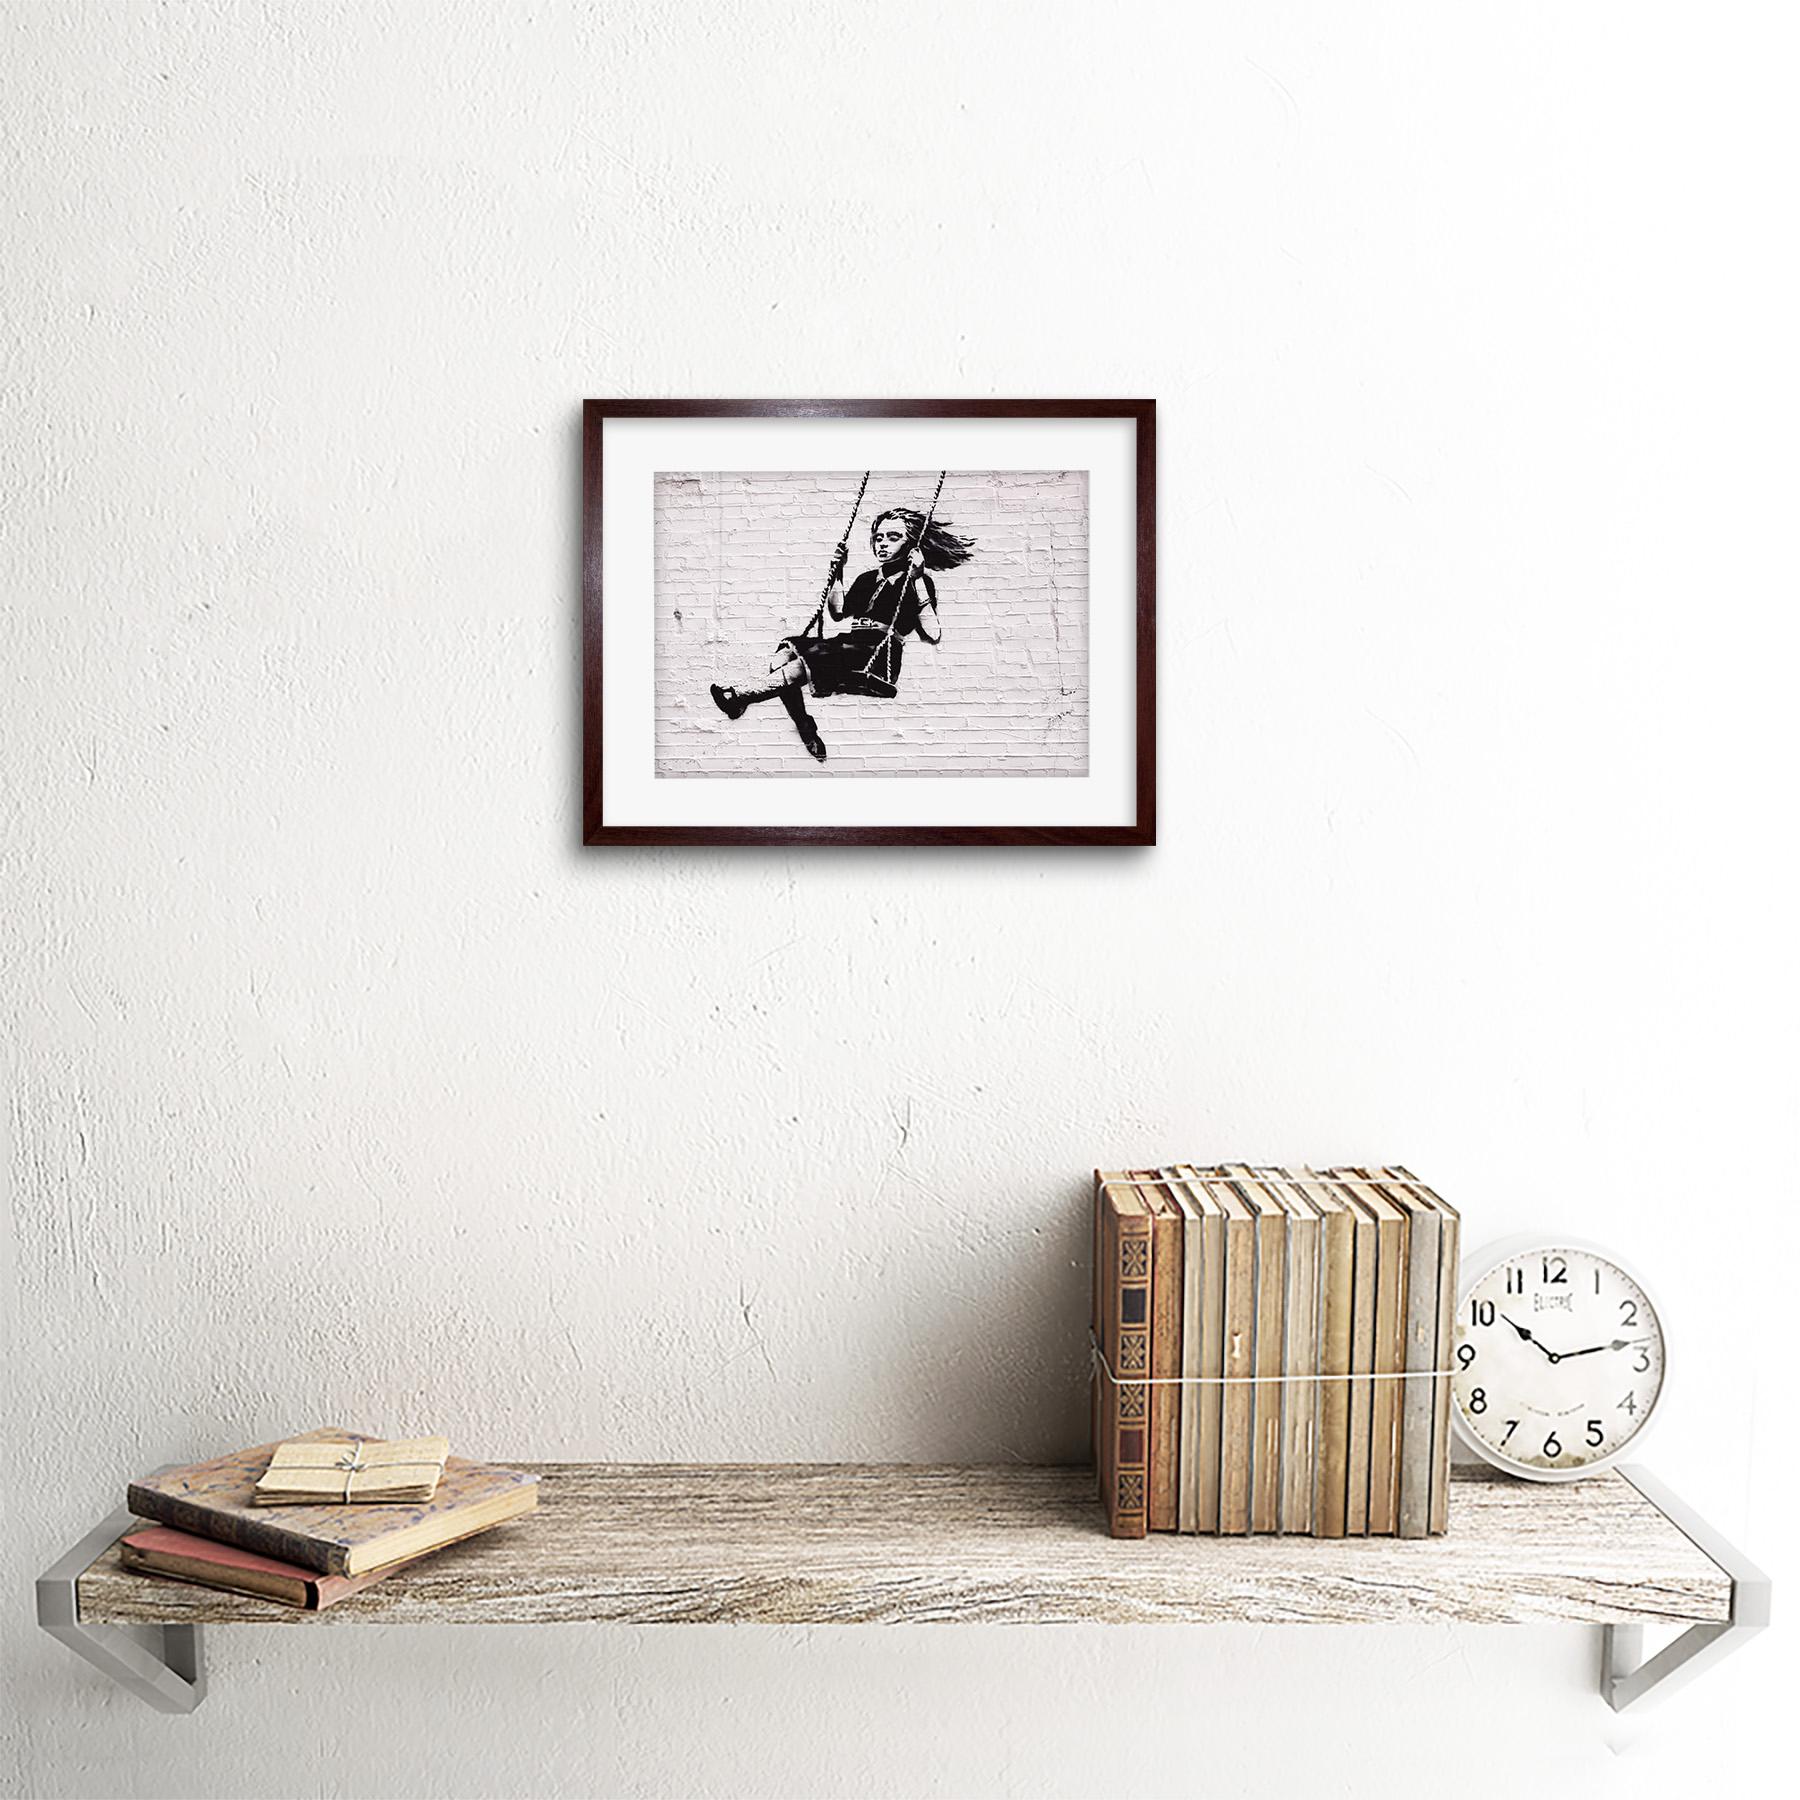 Banksy Girl On Swing Graffiti Street Art/' Framed Art Print 9x7 Inch